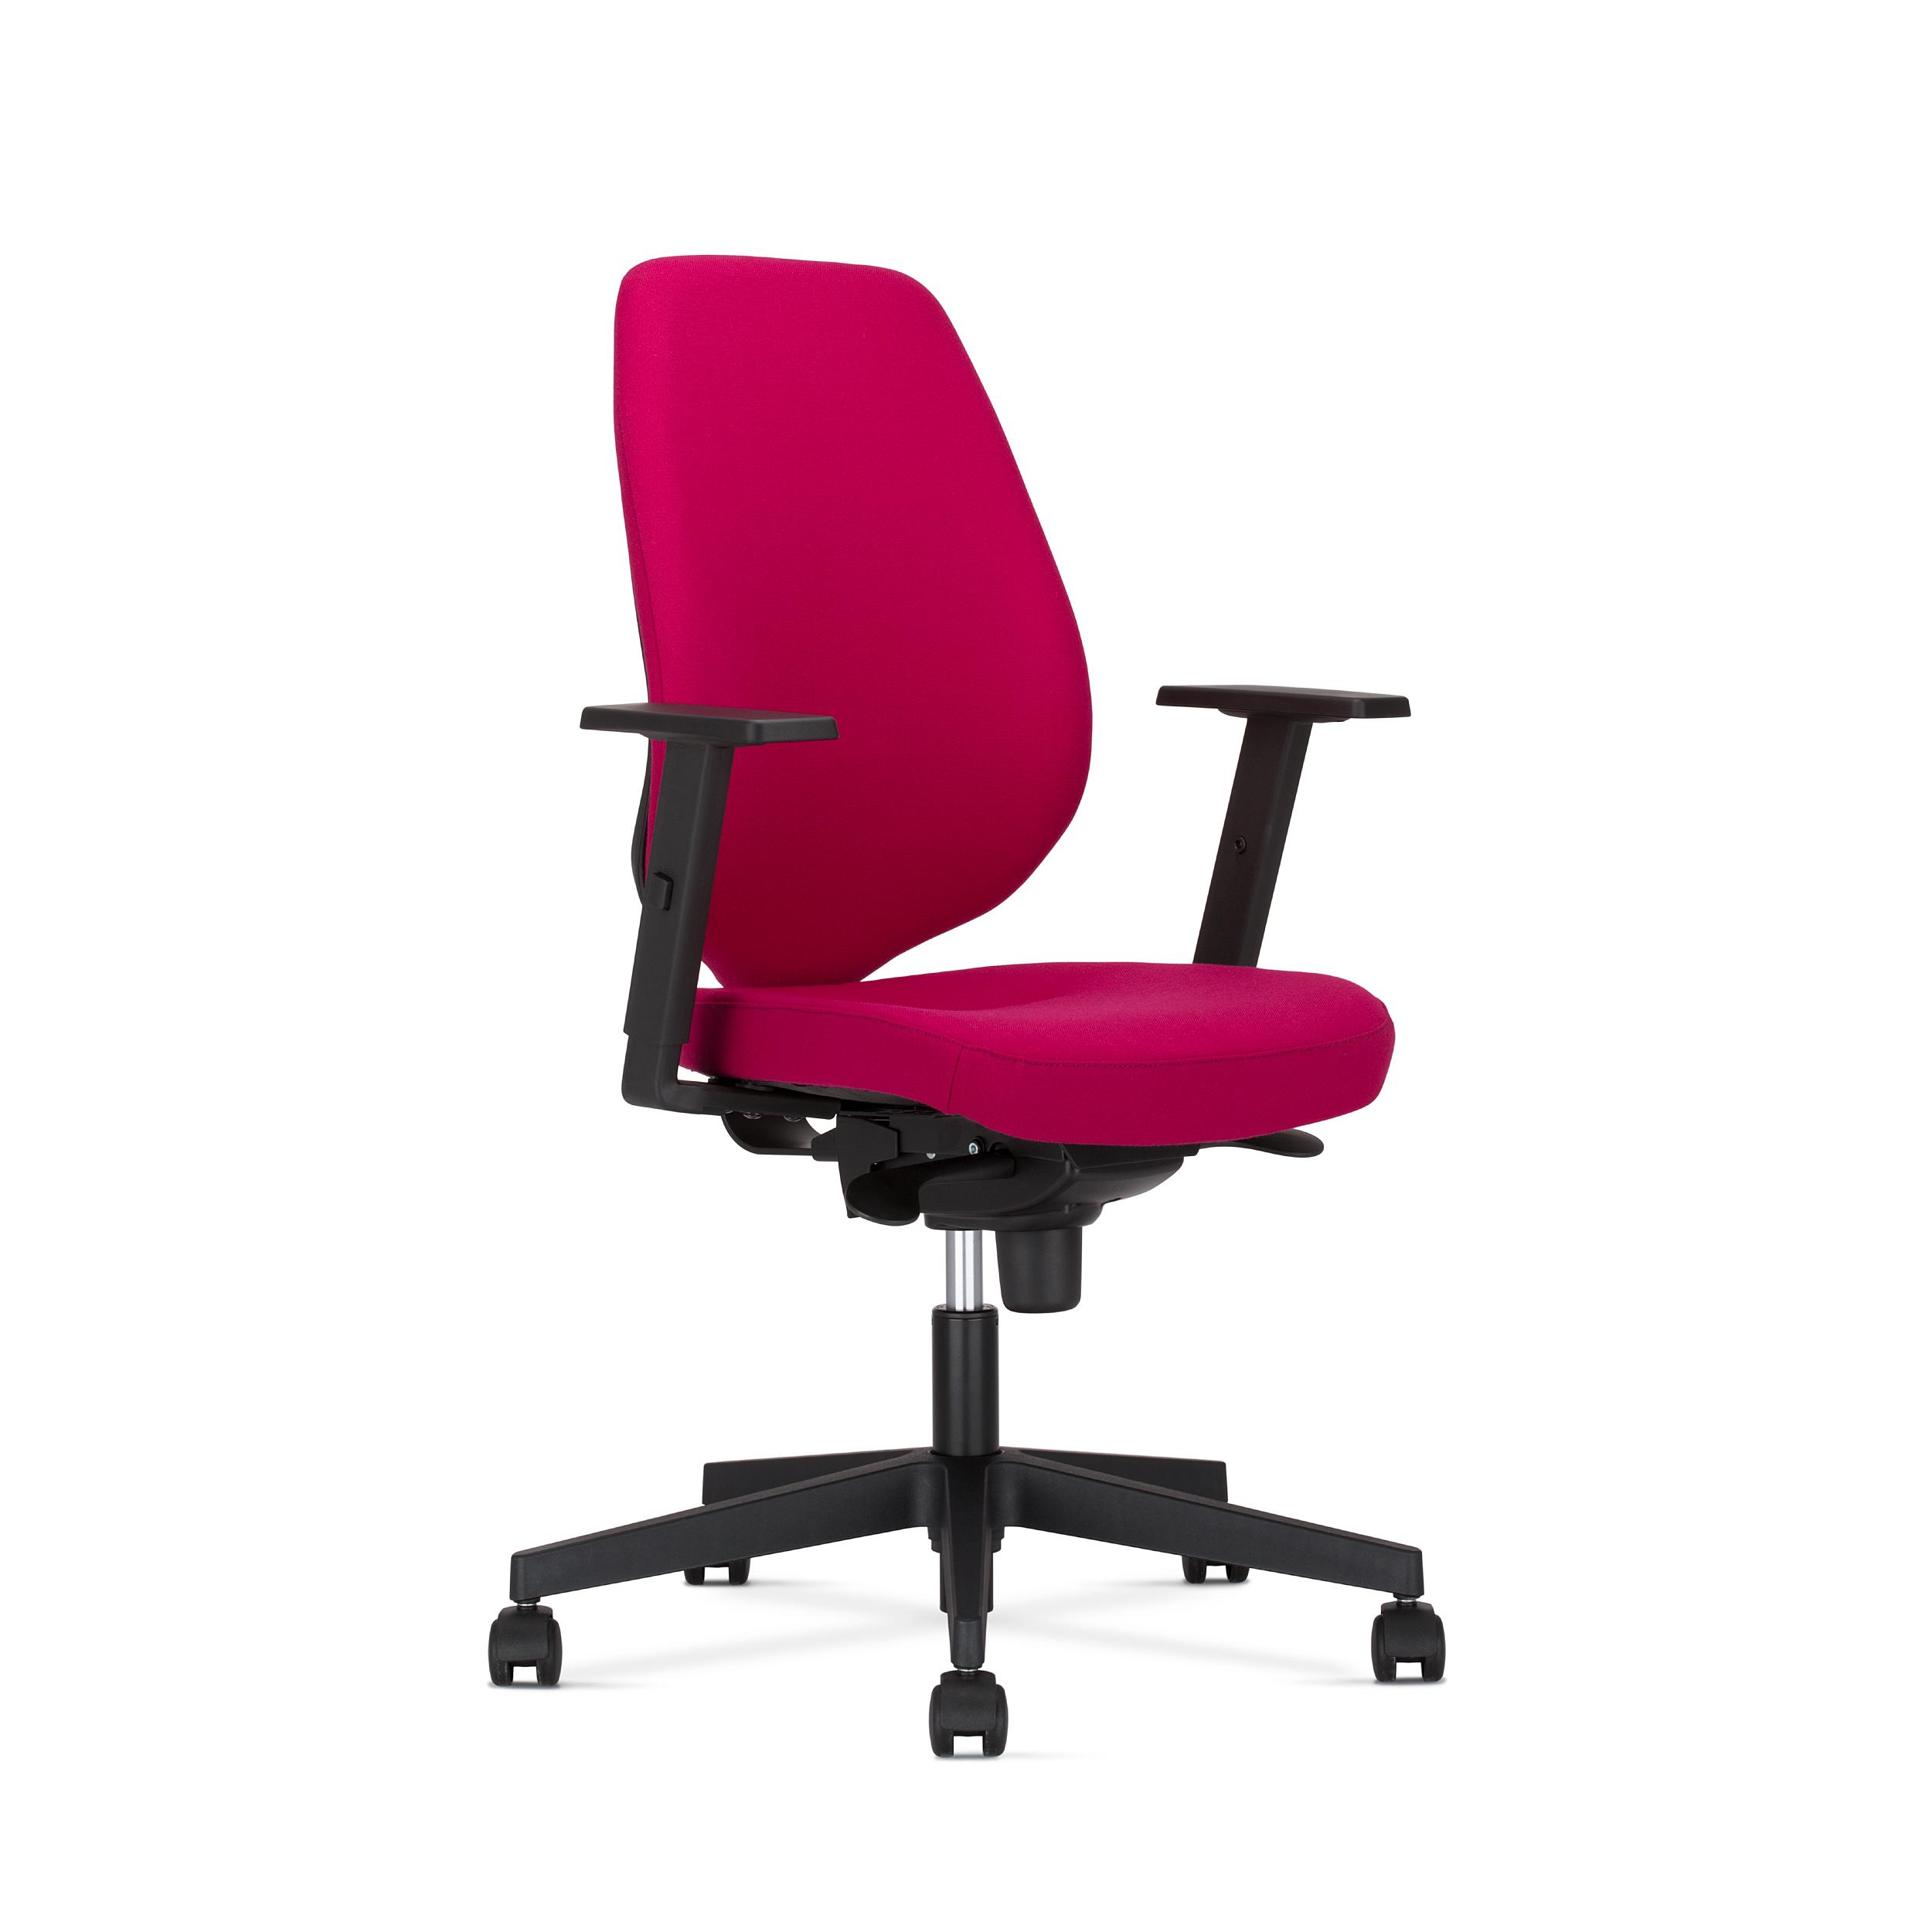 krzesło_Be-All04